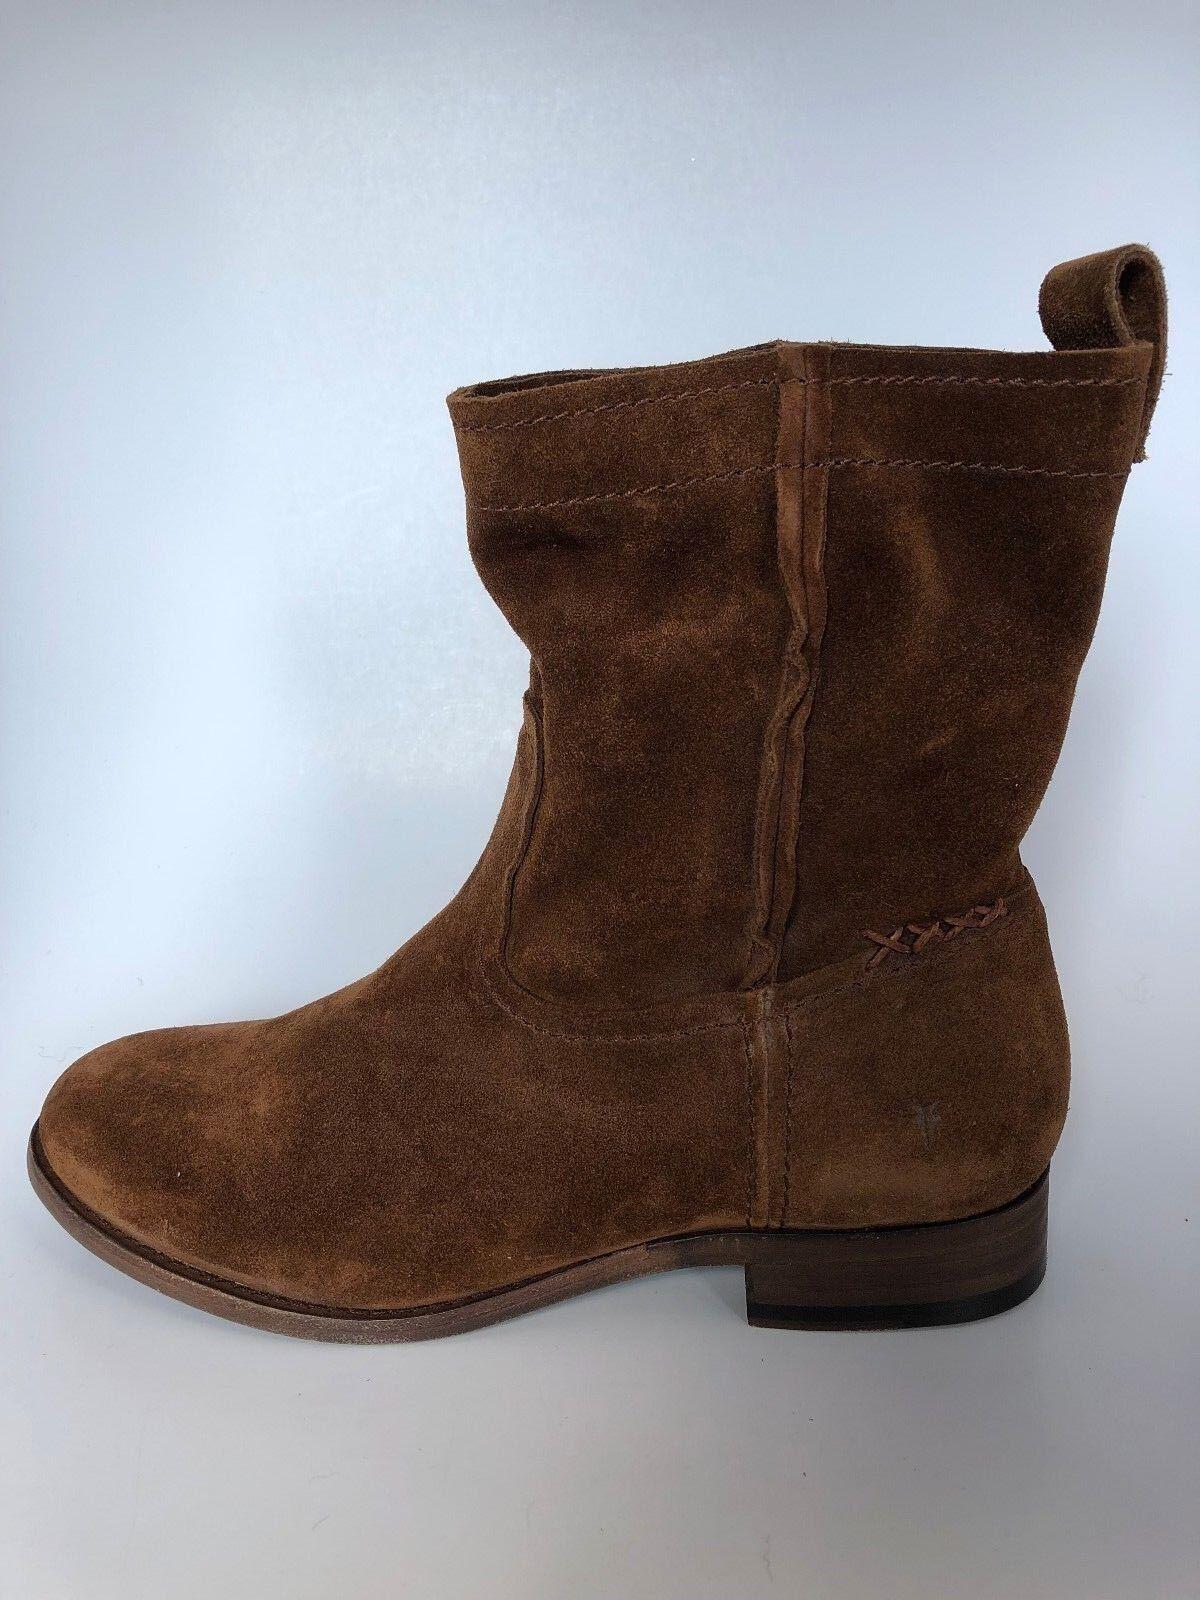 Nuevo En Caja-Frye Gamuza corto para mujer cara estilo oeste botín Madera-Elige tamaño